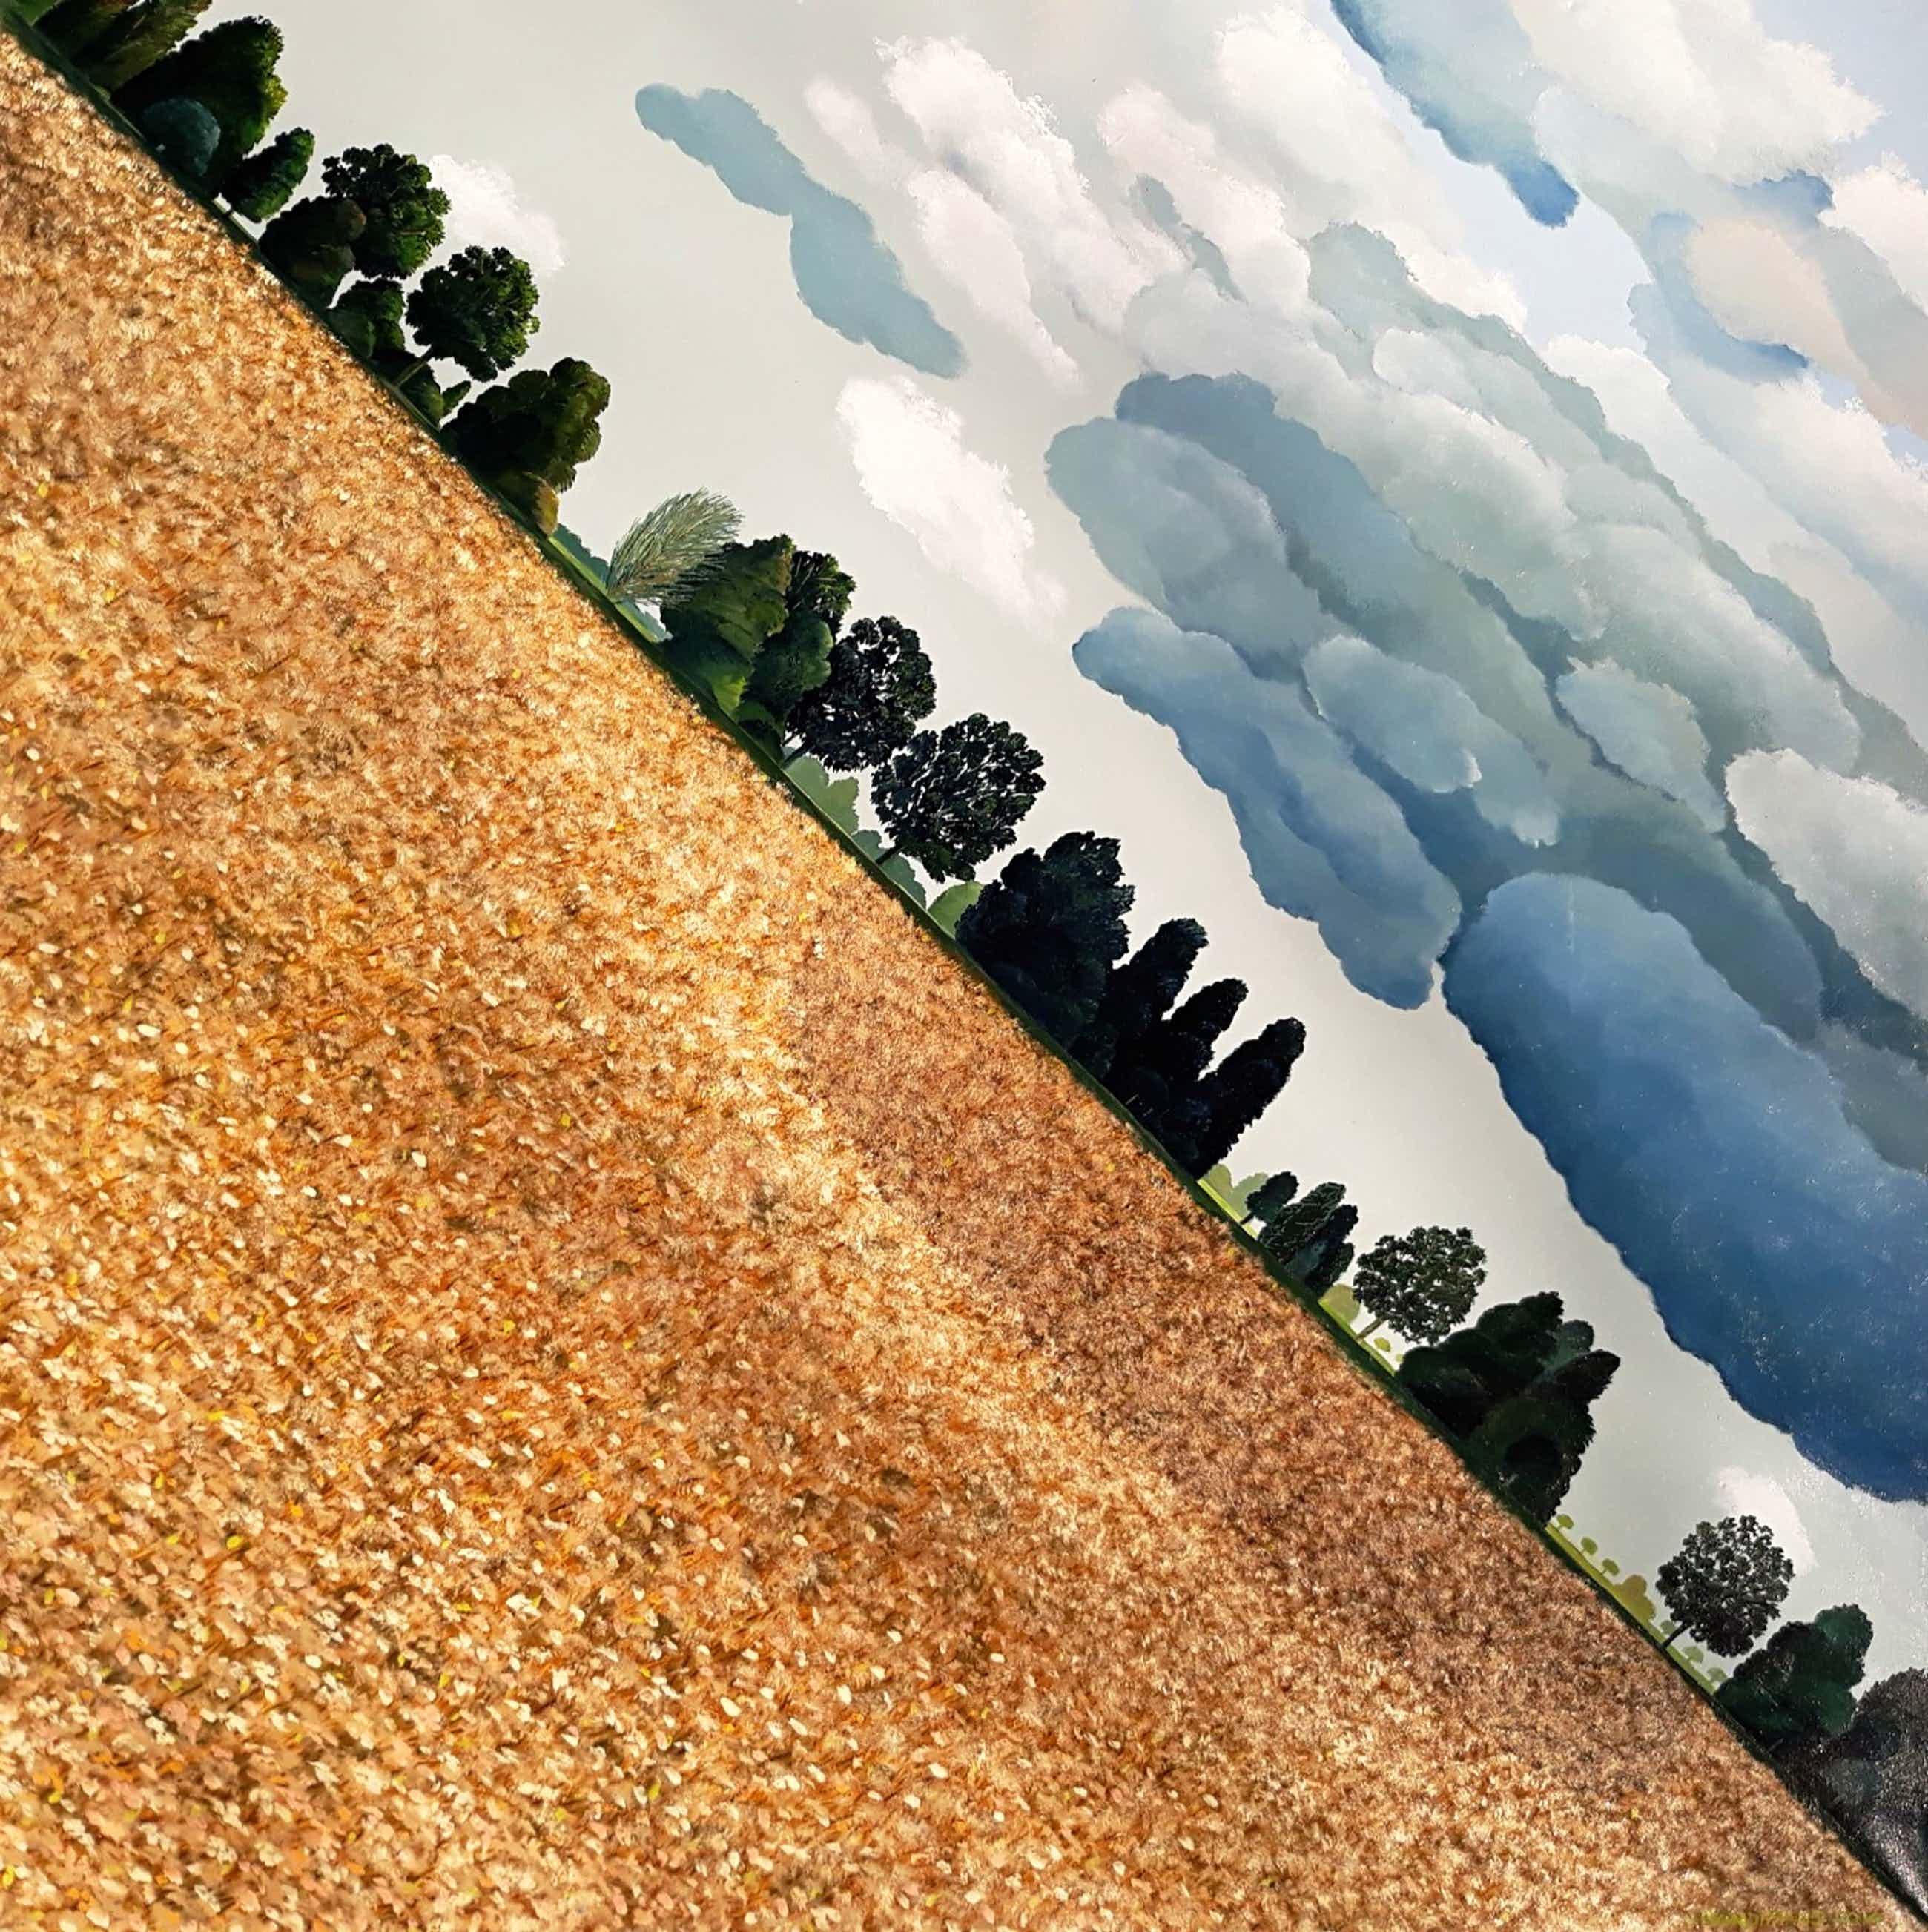 Erna van Mondfrans - Landschap met karweizaad, olieverf op doek (groot) kopen? Bied vanaf 225!